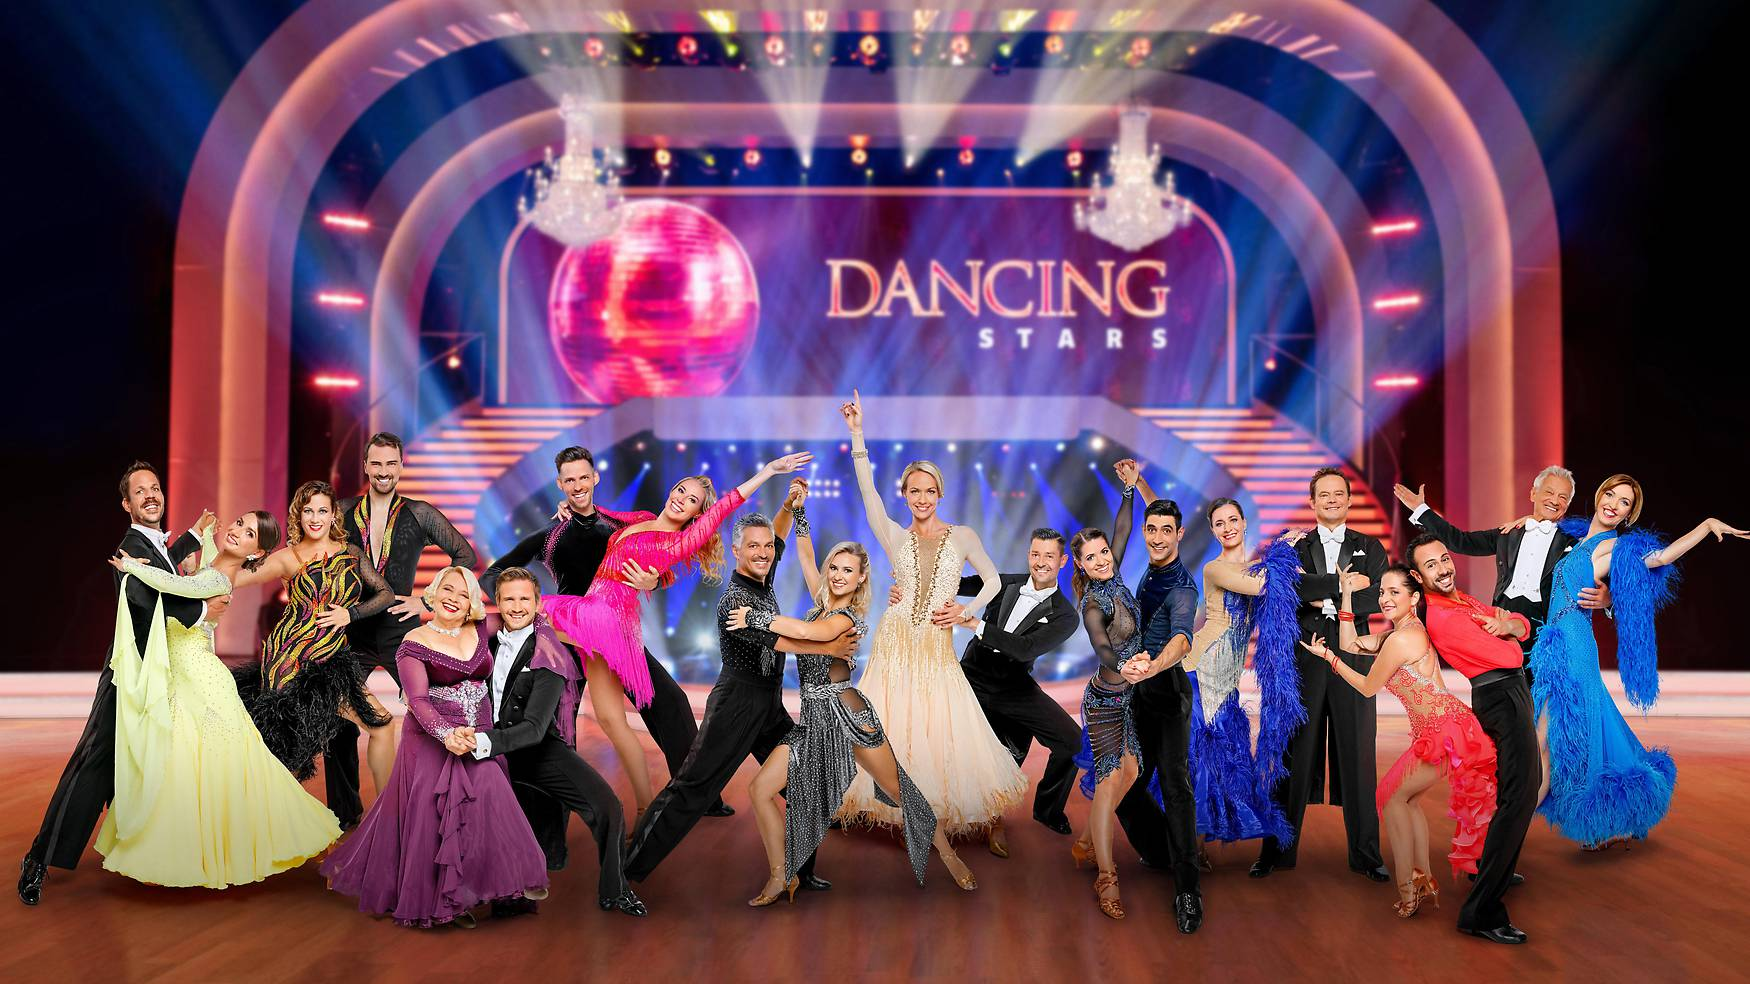 """""""Dancing Stars 2021"""", """"Die Promiriege ist komplett! Start der vierzehnten Staffel am 24. September 2021 live in ORF 1."""" Parkett frei für die """"Dancing Stars""""!"""